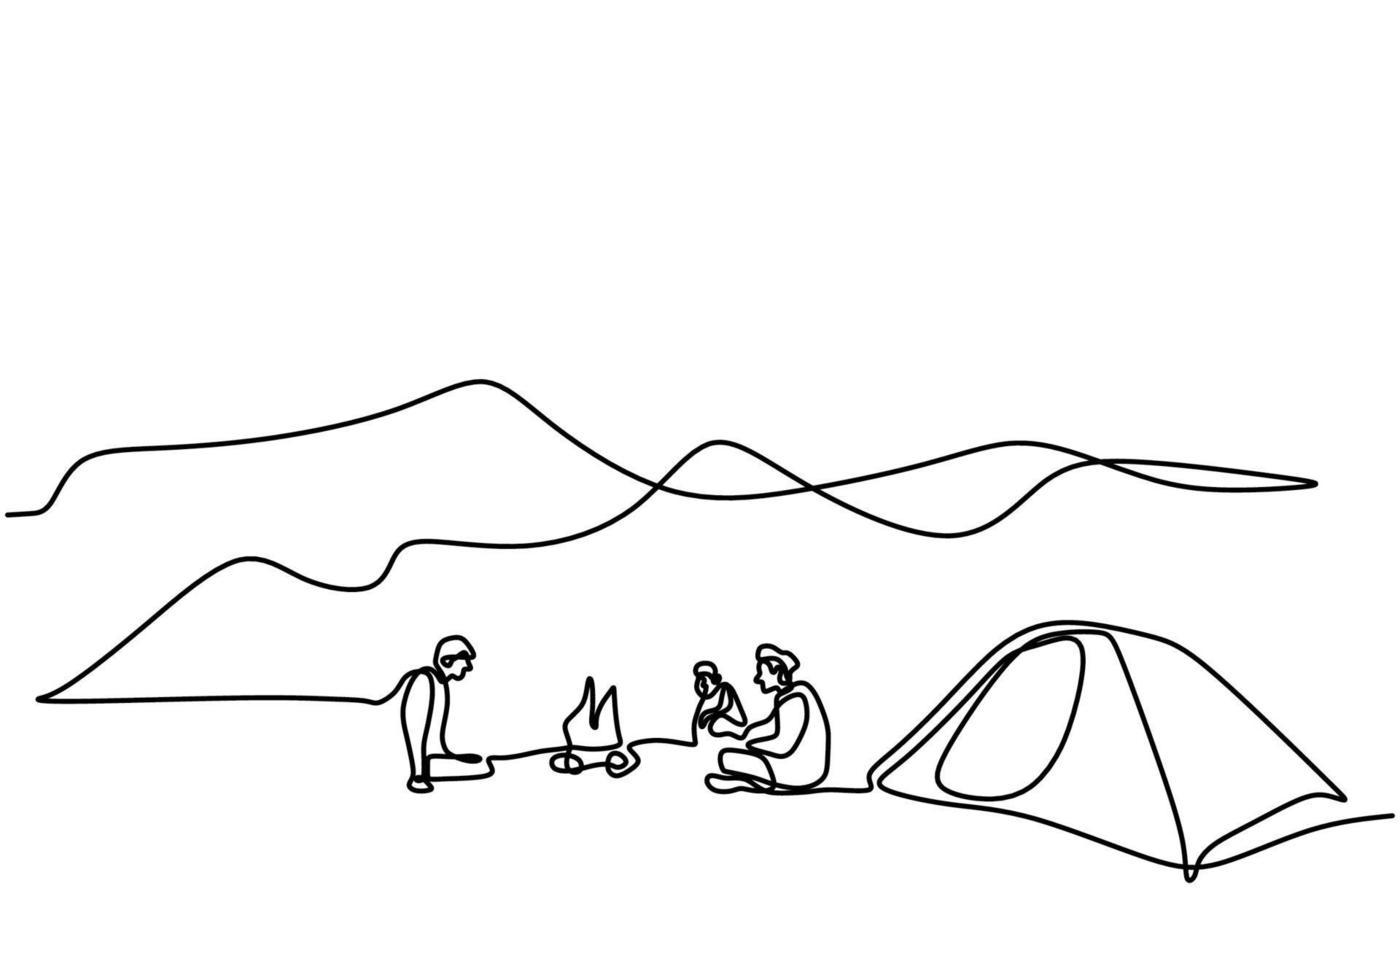 una linea di disegno persone in campeggio. giovane godere di attività all'aperto con tende e falò. campeggio d'avventura ed esplorazione. maschio eccitato dal campeggio in montagna a godersi la natura vettore